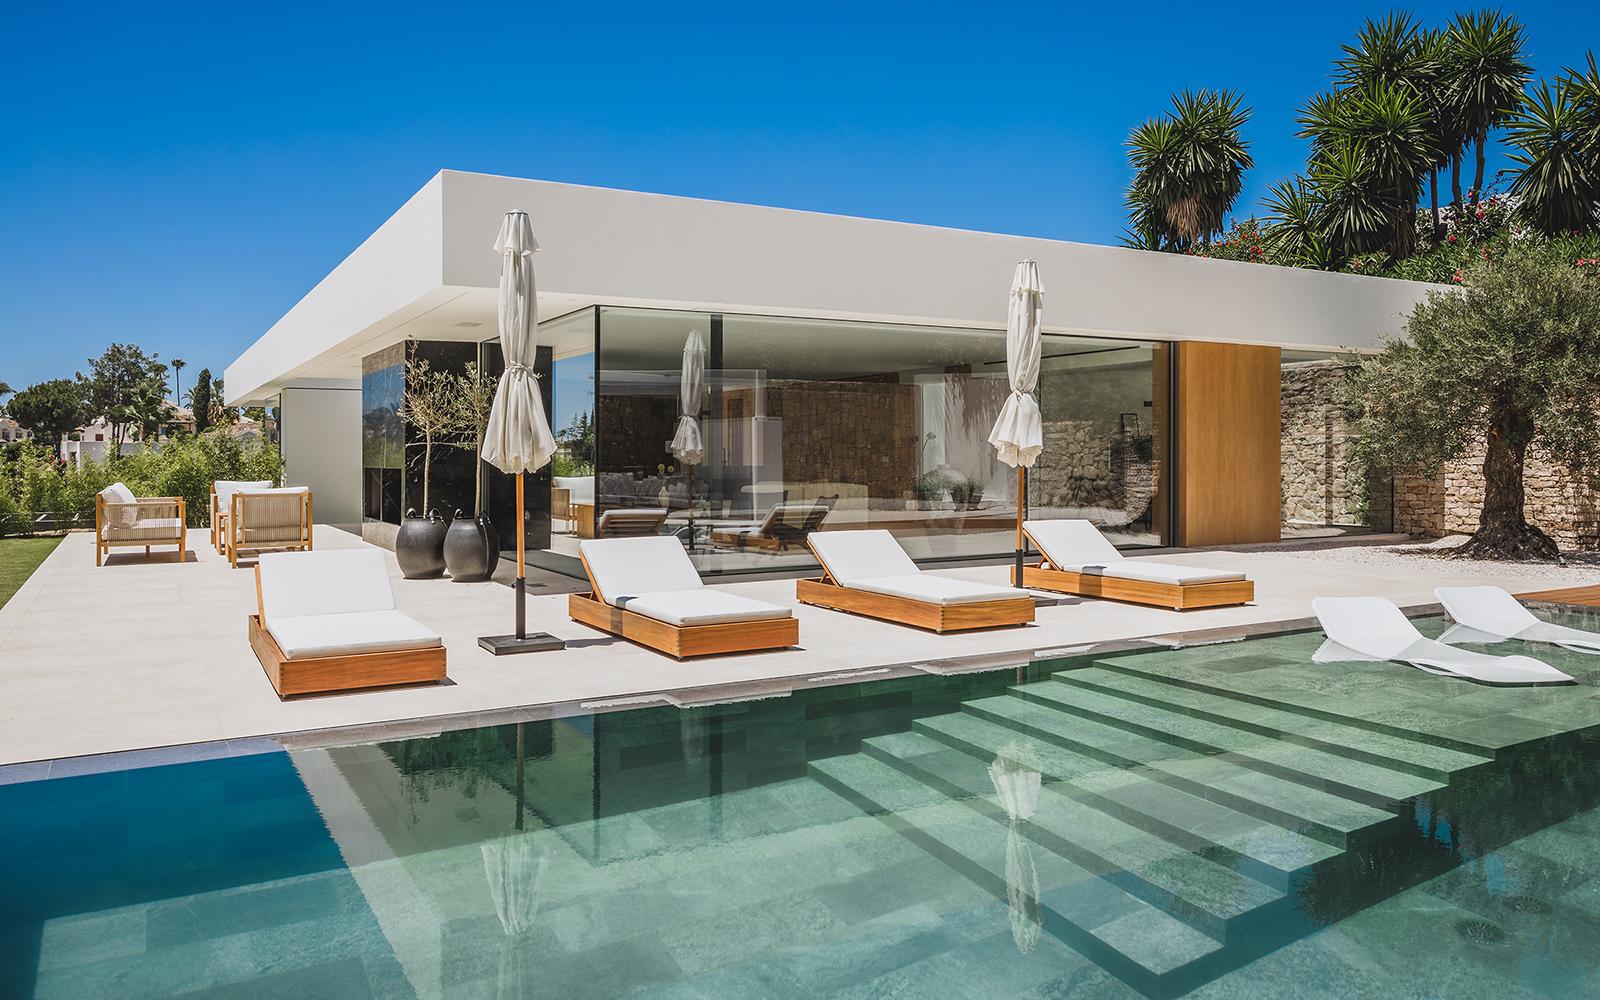 Villa contemporánea de estilo ibicenco en el Valle del Golf